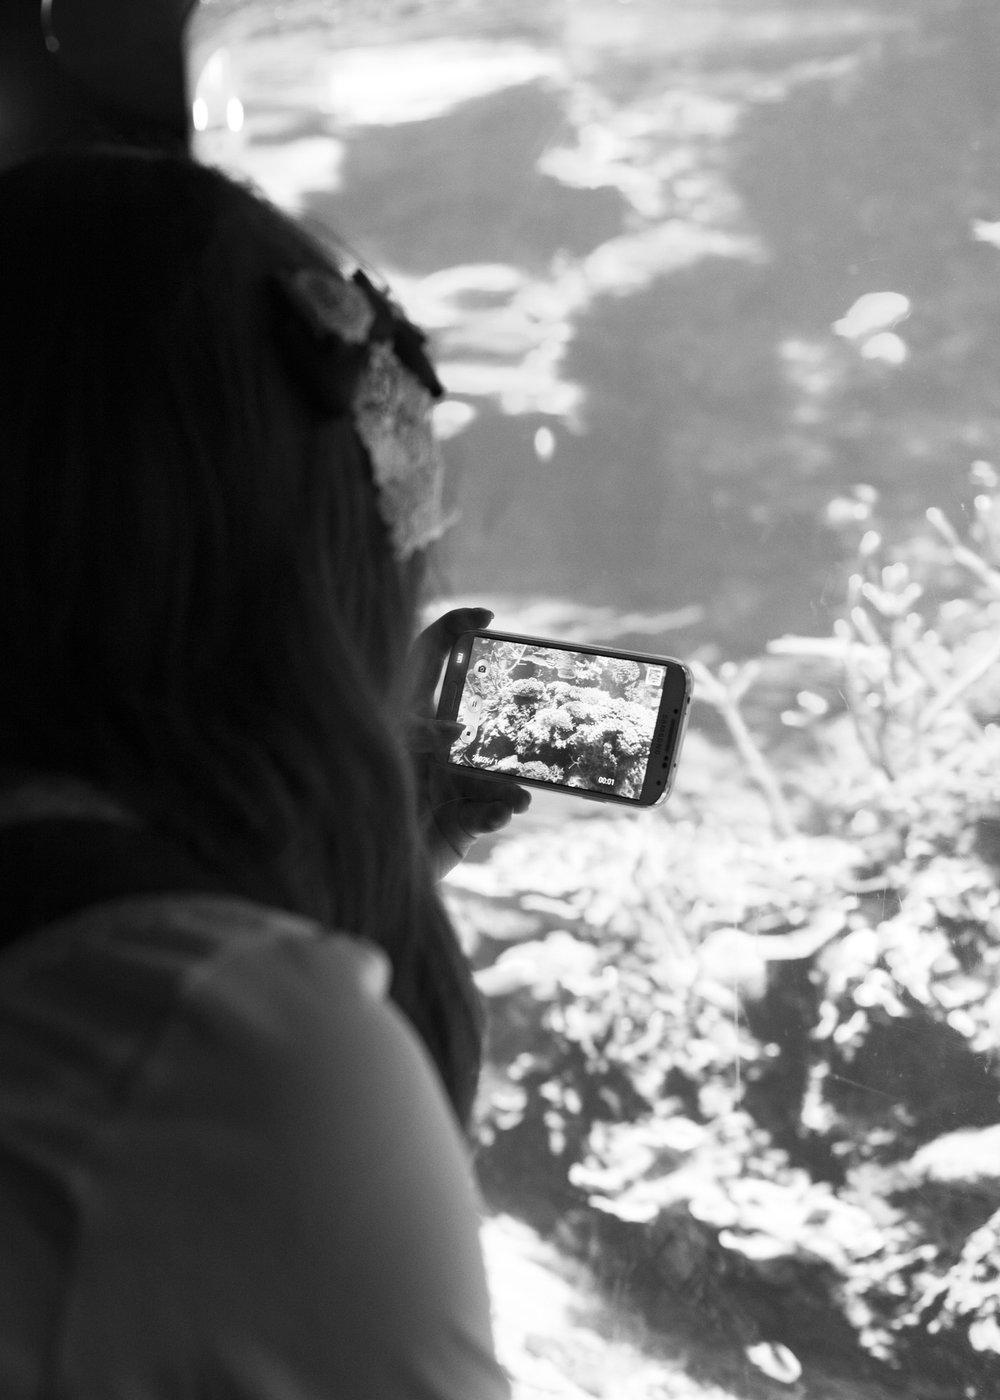 aquarium_lolitas-27.jpg